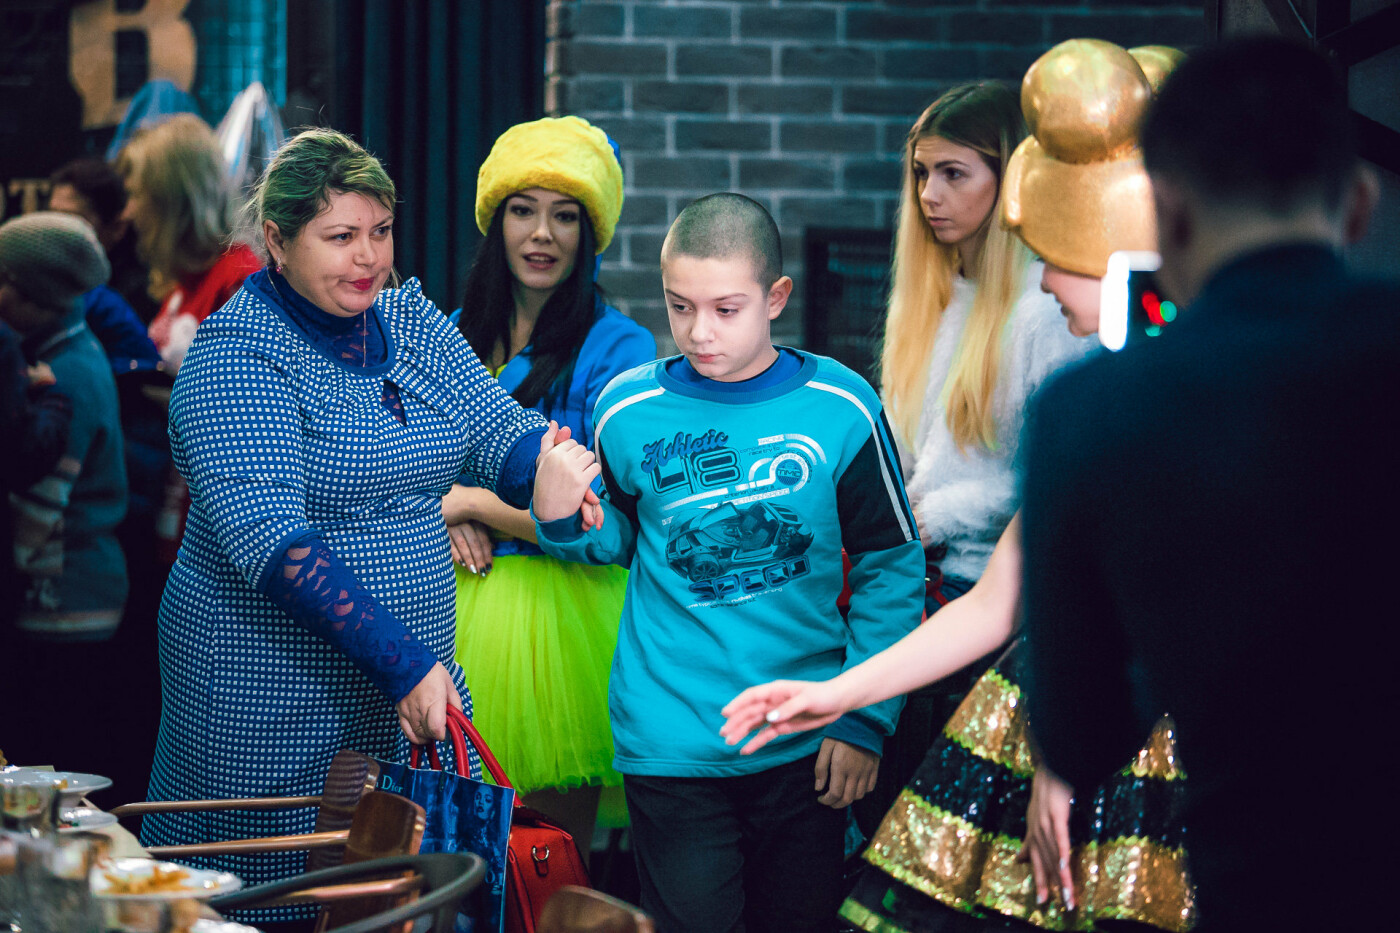 В Кривом Роге организовали особенный праздник для особенных детей, фото-2